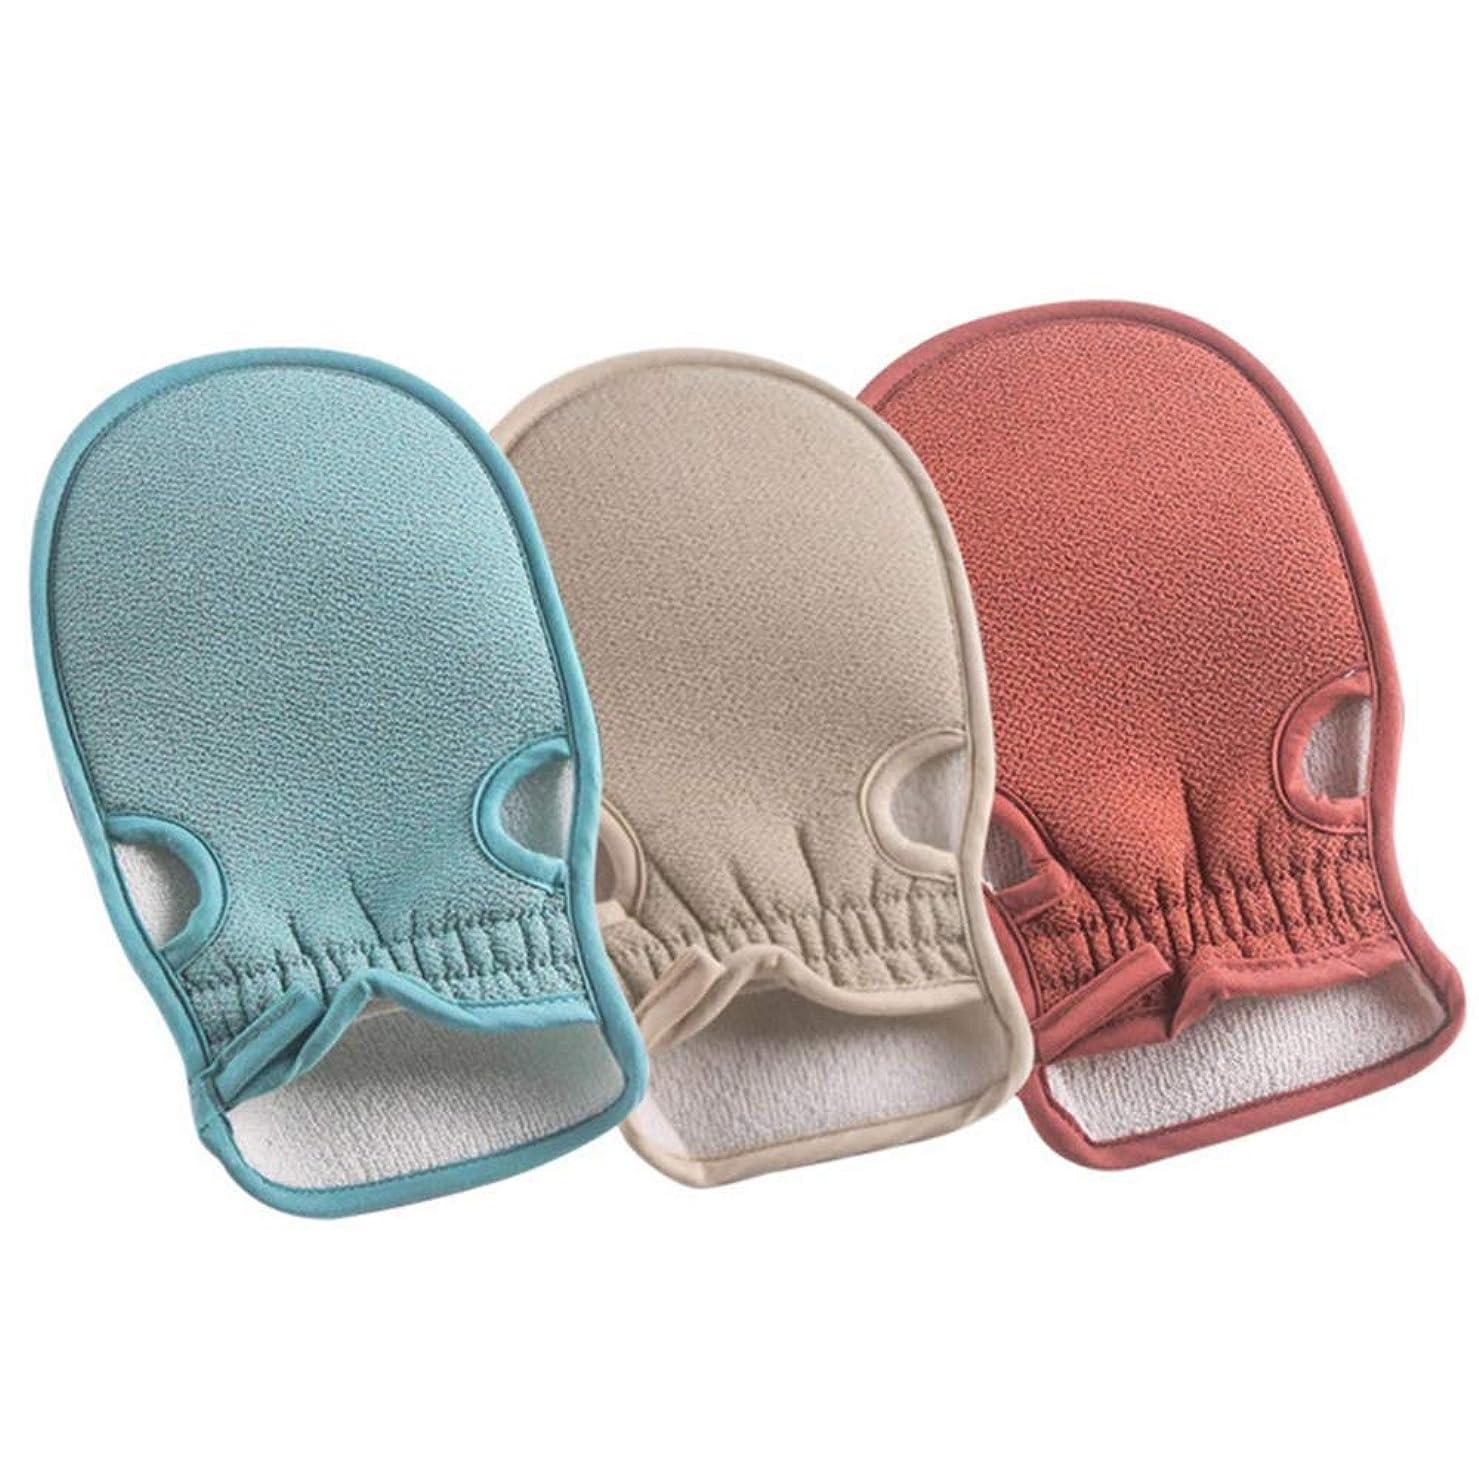 学習者パイ天窓あかすり ミトン 手袋 耐久性が強い上に軽く高品質ボディスクラブ 風呂 垢すり3色セット